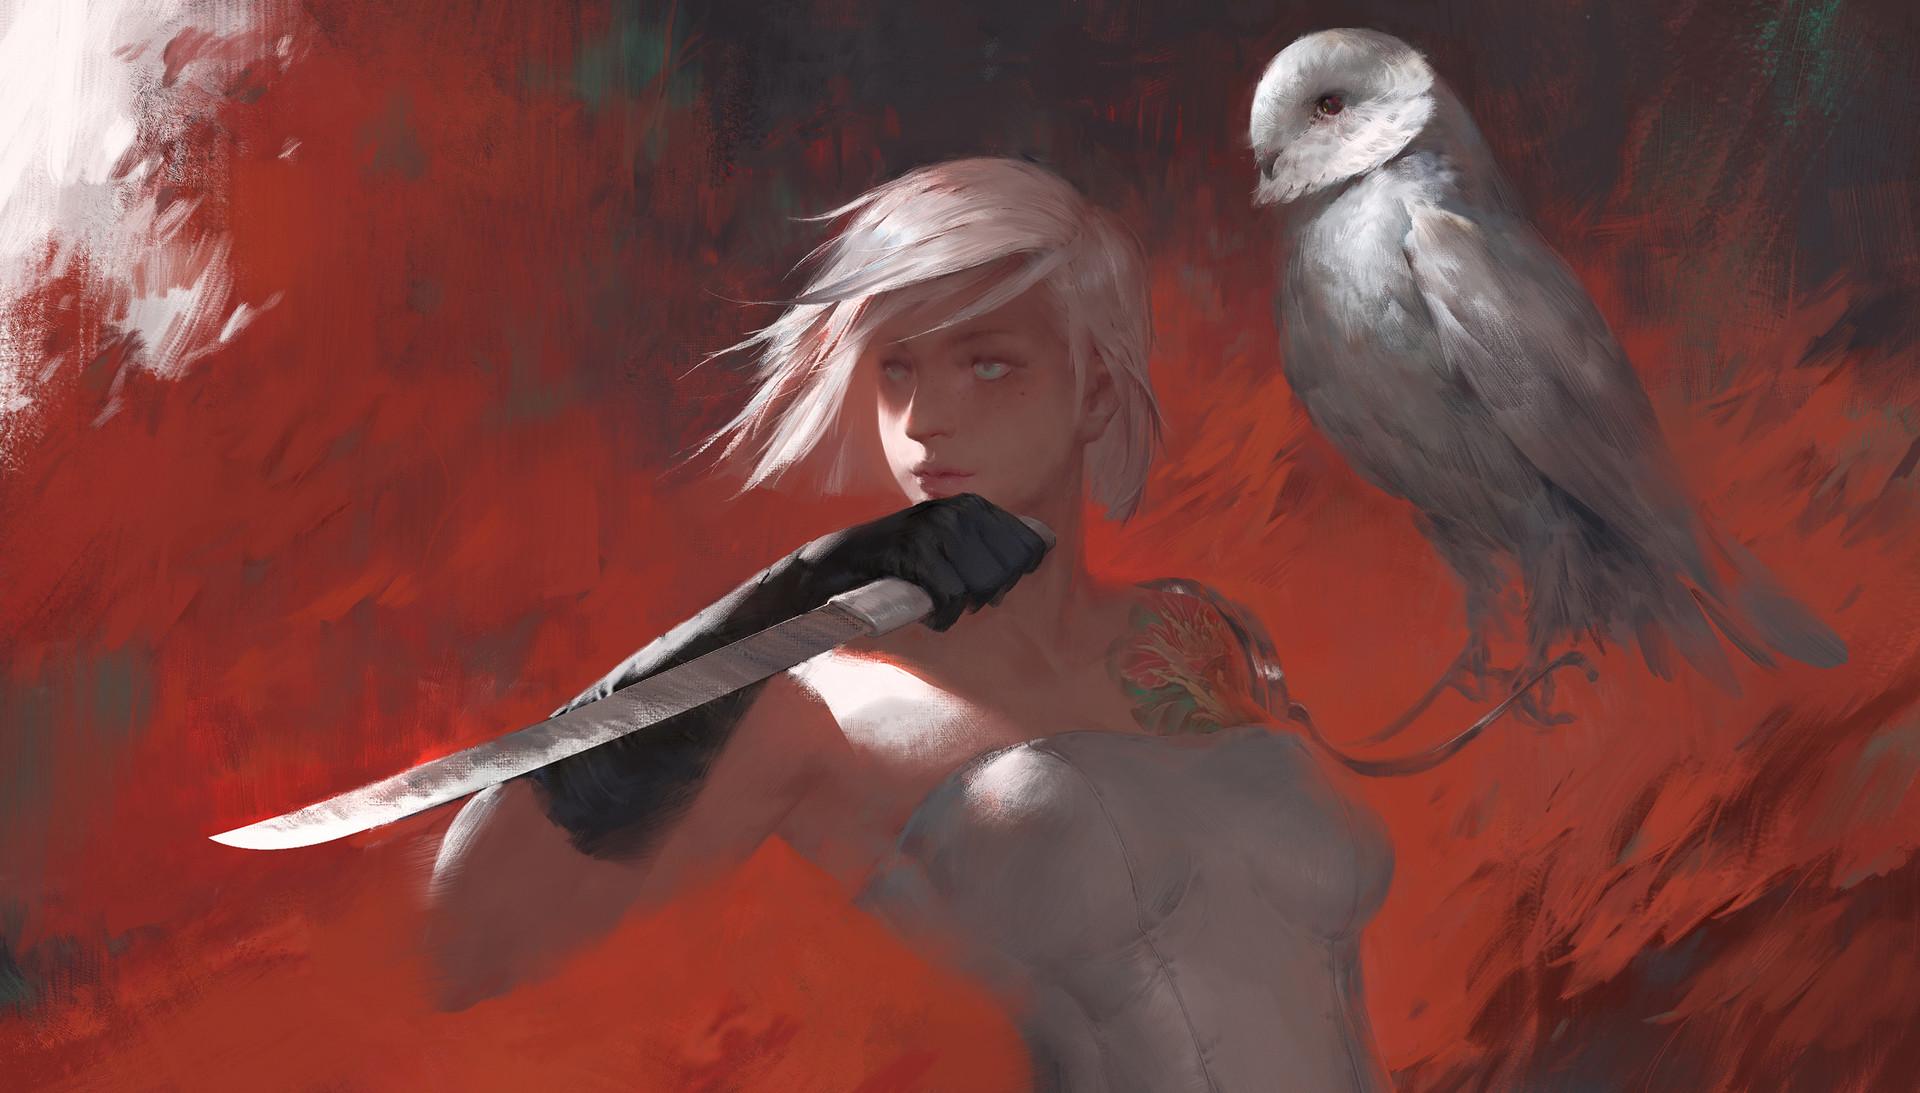 【秀上线】资深游戏角色概念设计师Amama L作品欣赏9